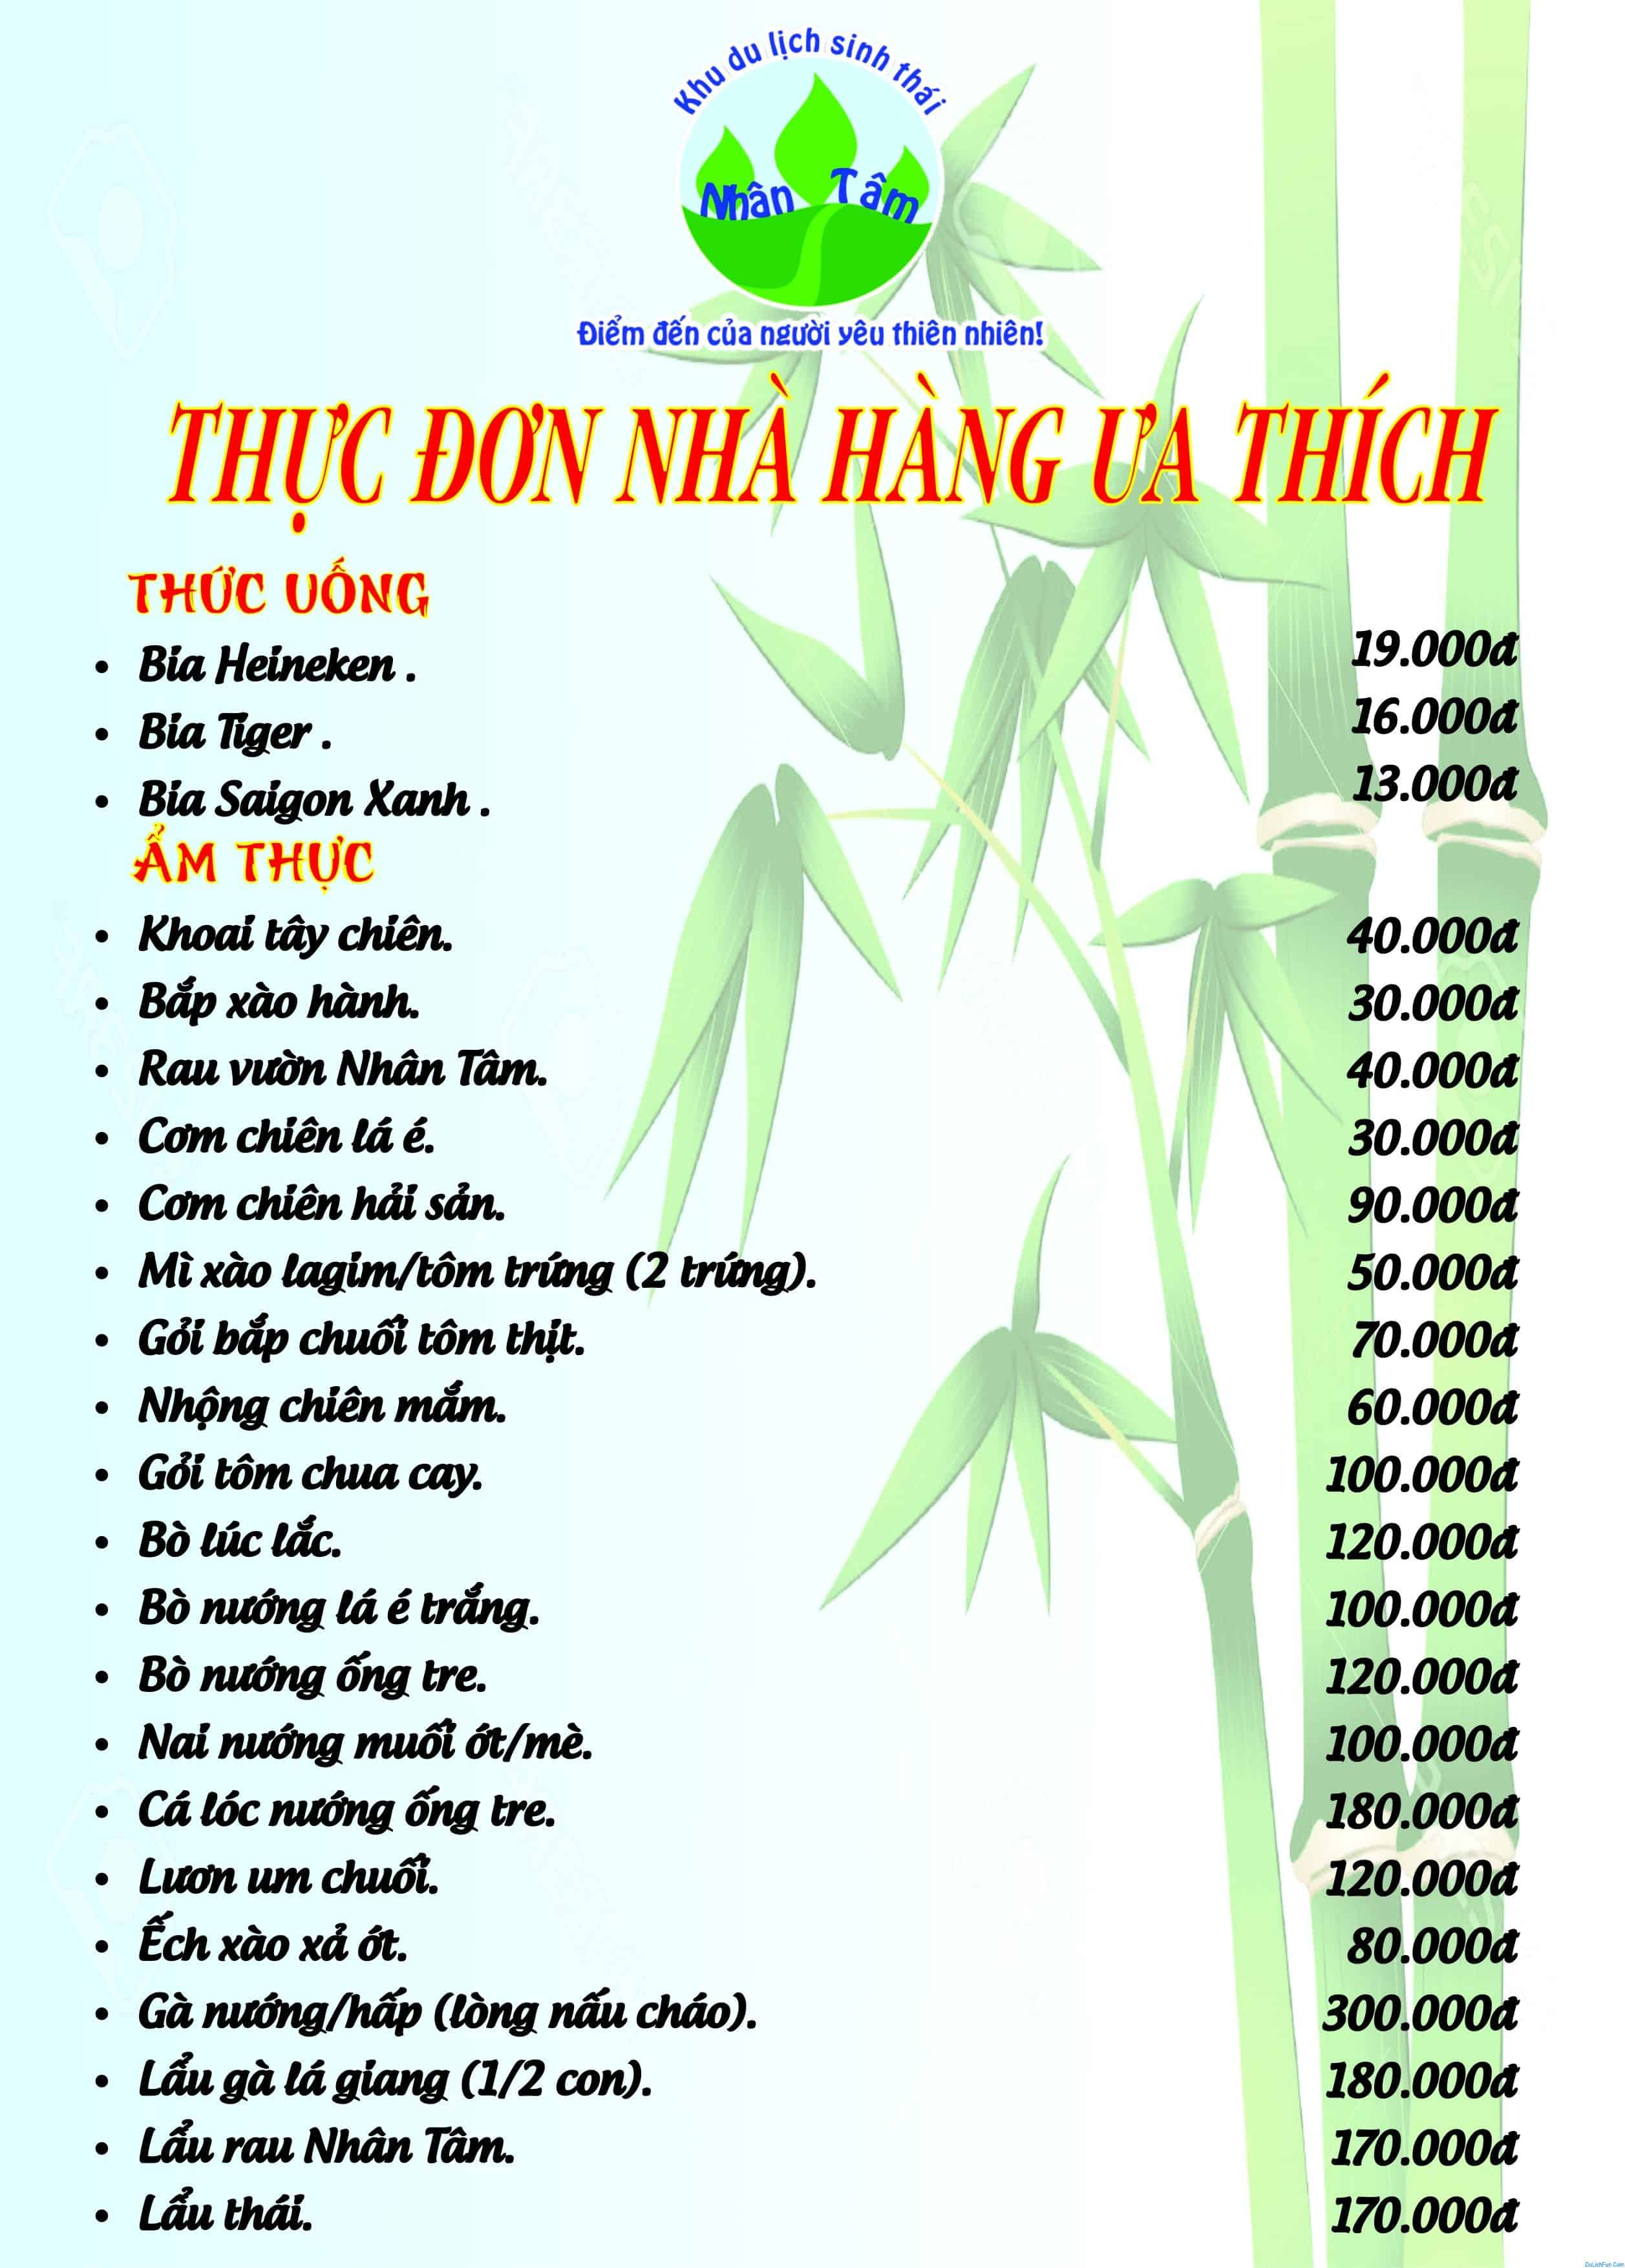 Kinh nghiệm du lịch khu sinh thái Nhân Tâm, Nha Trang đẹp. Hướng dẫn, review khu du lịch sinh thái Nhân Tâm, Nha Trang cụ thể ăn ở